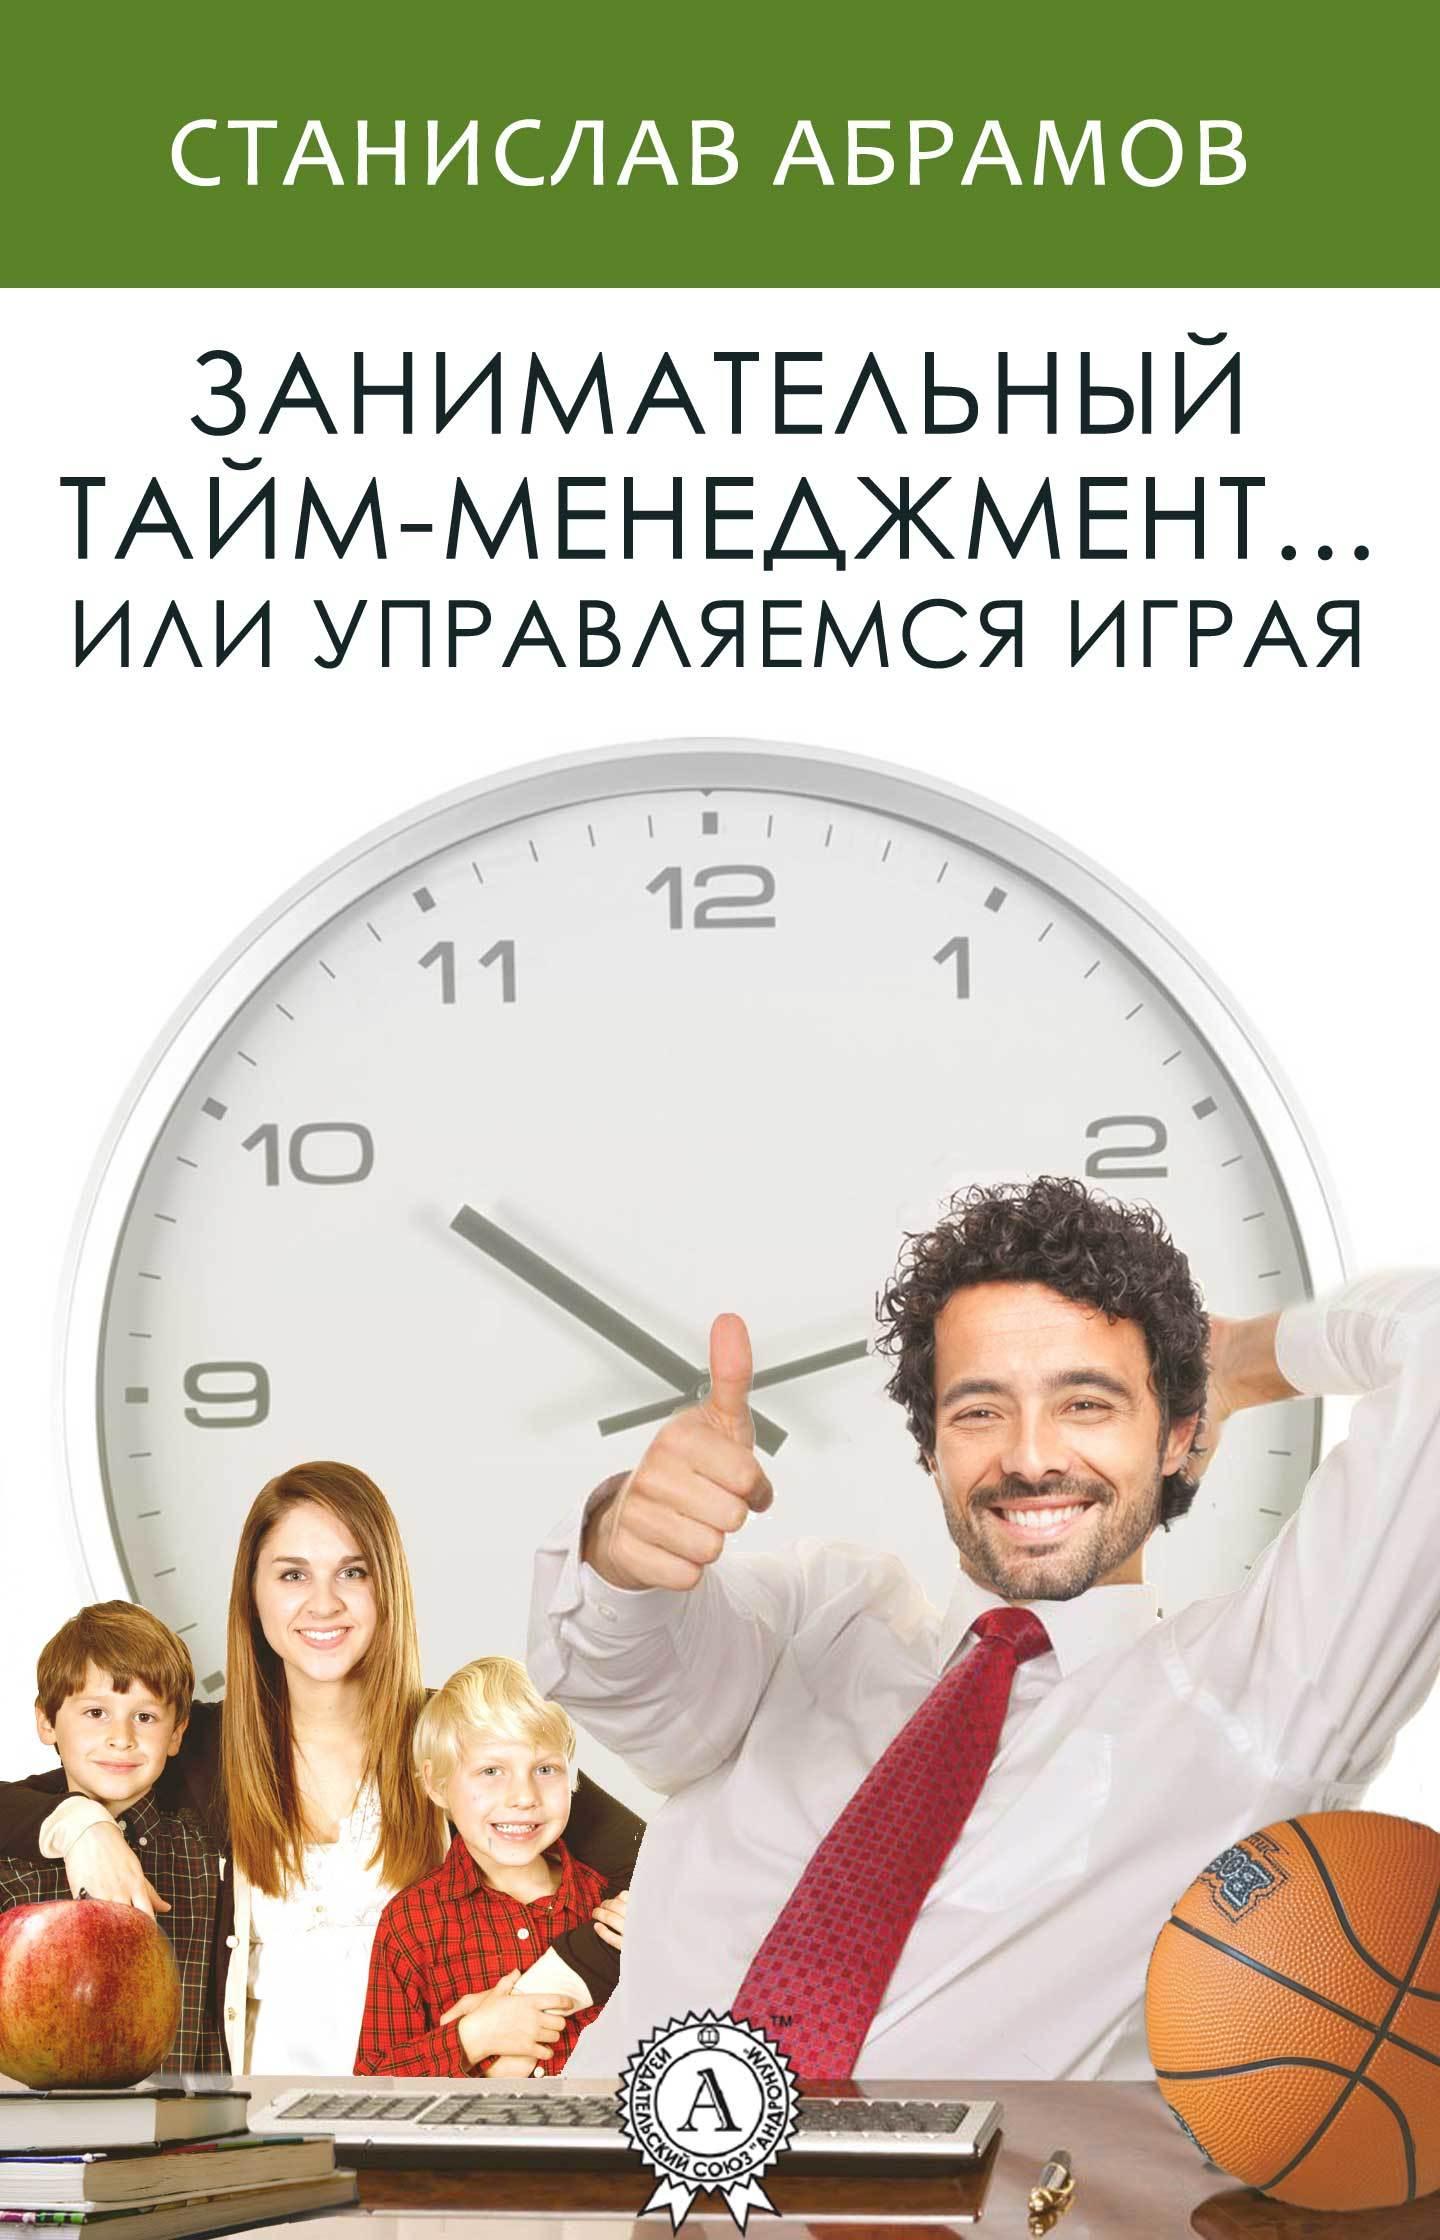 Станислав Абрамов «Занимательный тайм-менеджмент … или Управляемся играя»